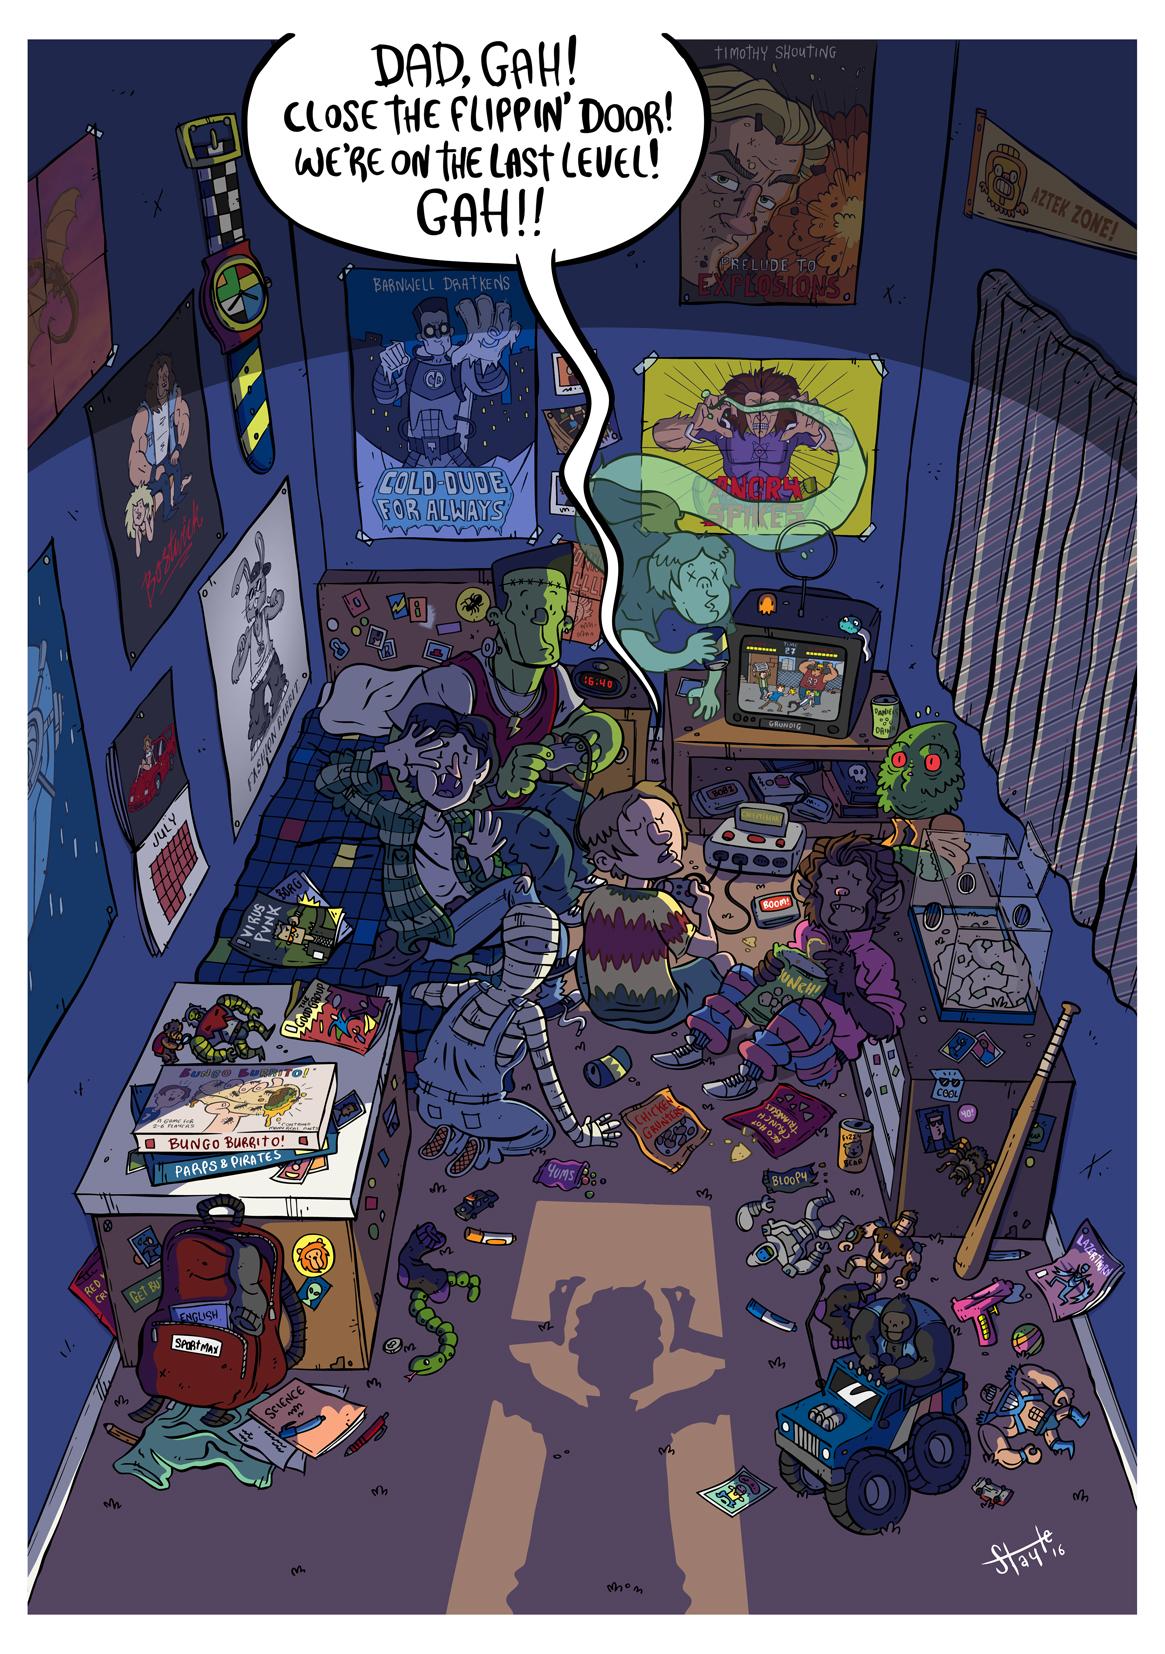 The Creepy Freak After-School Club.